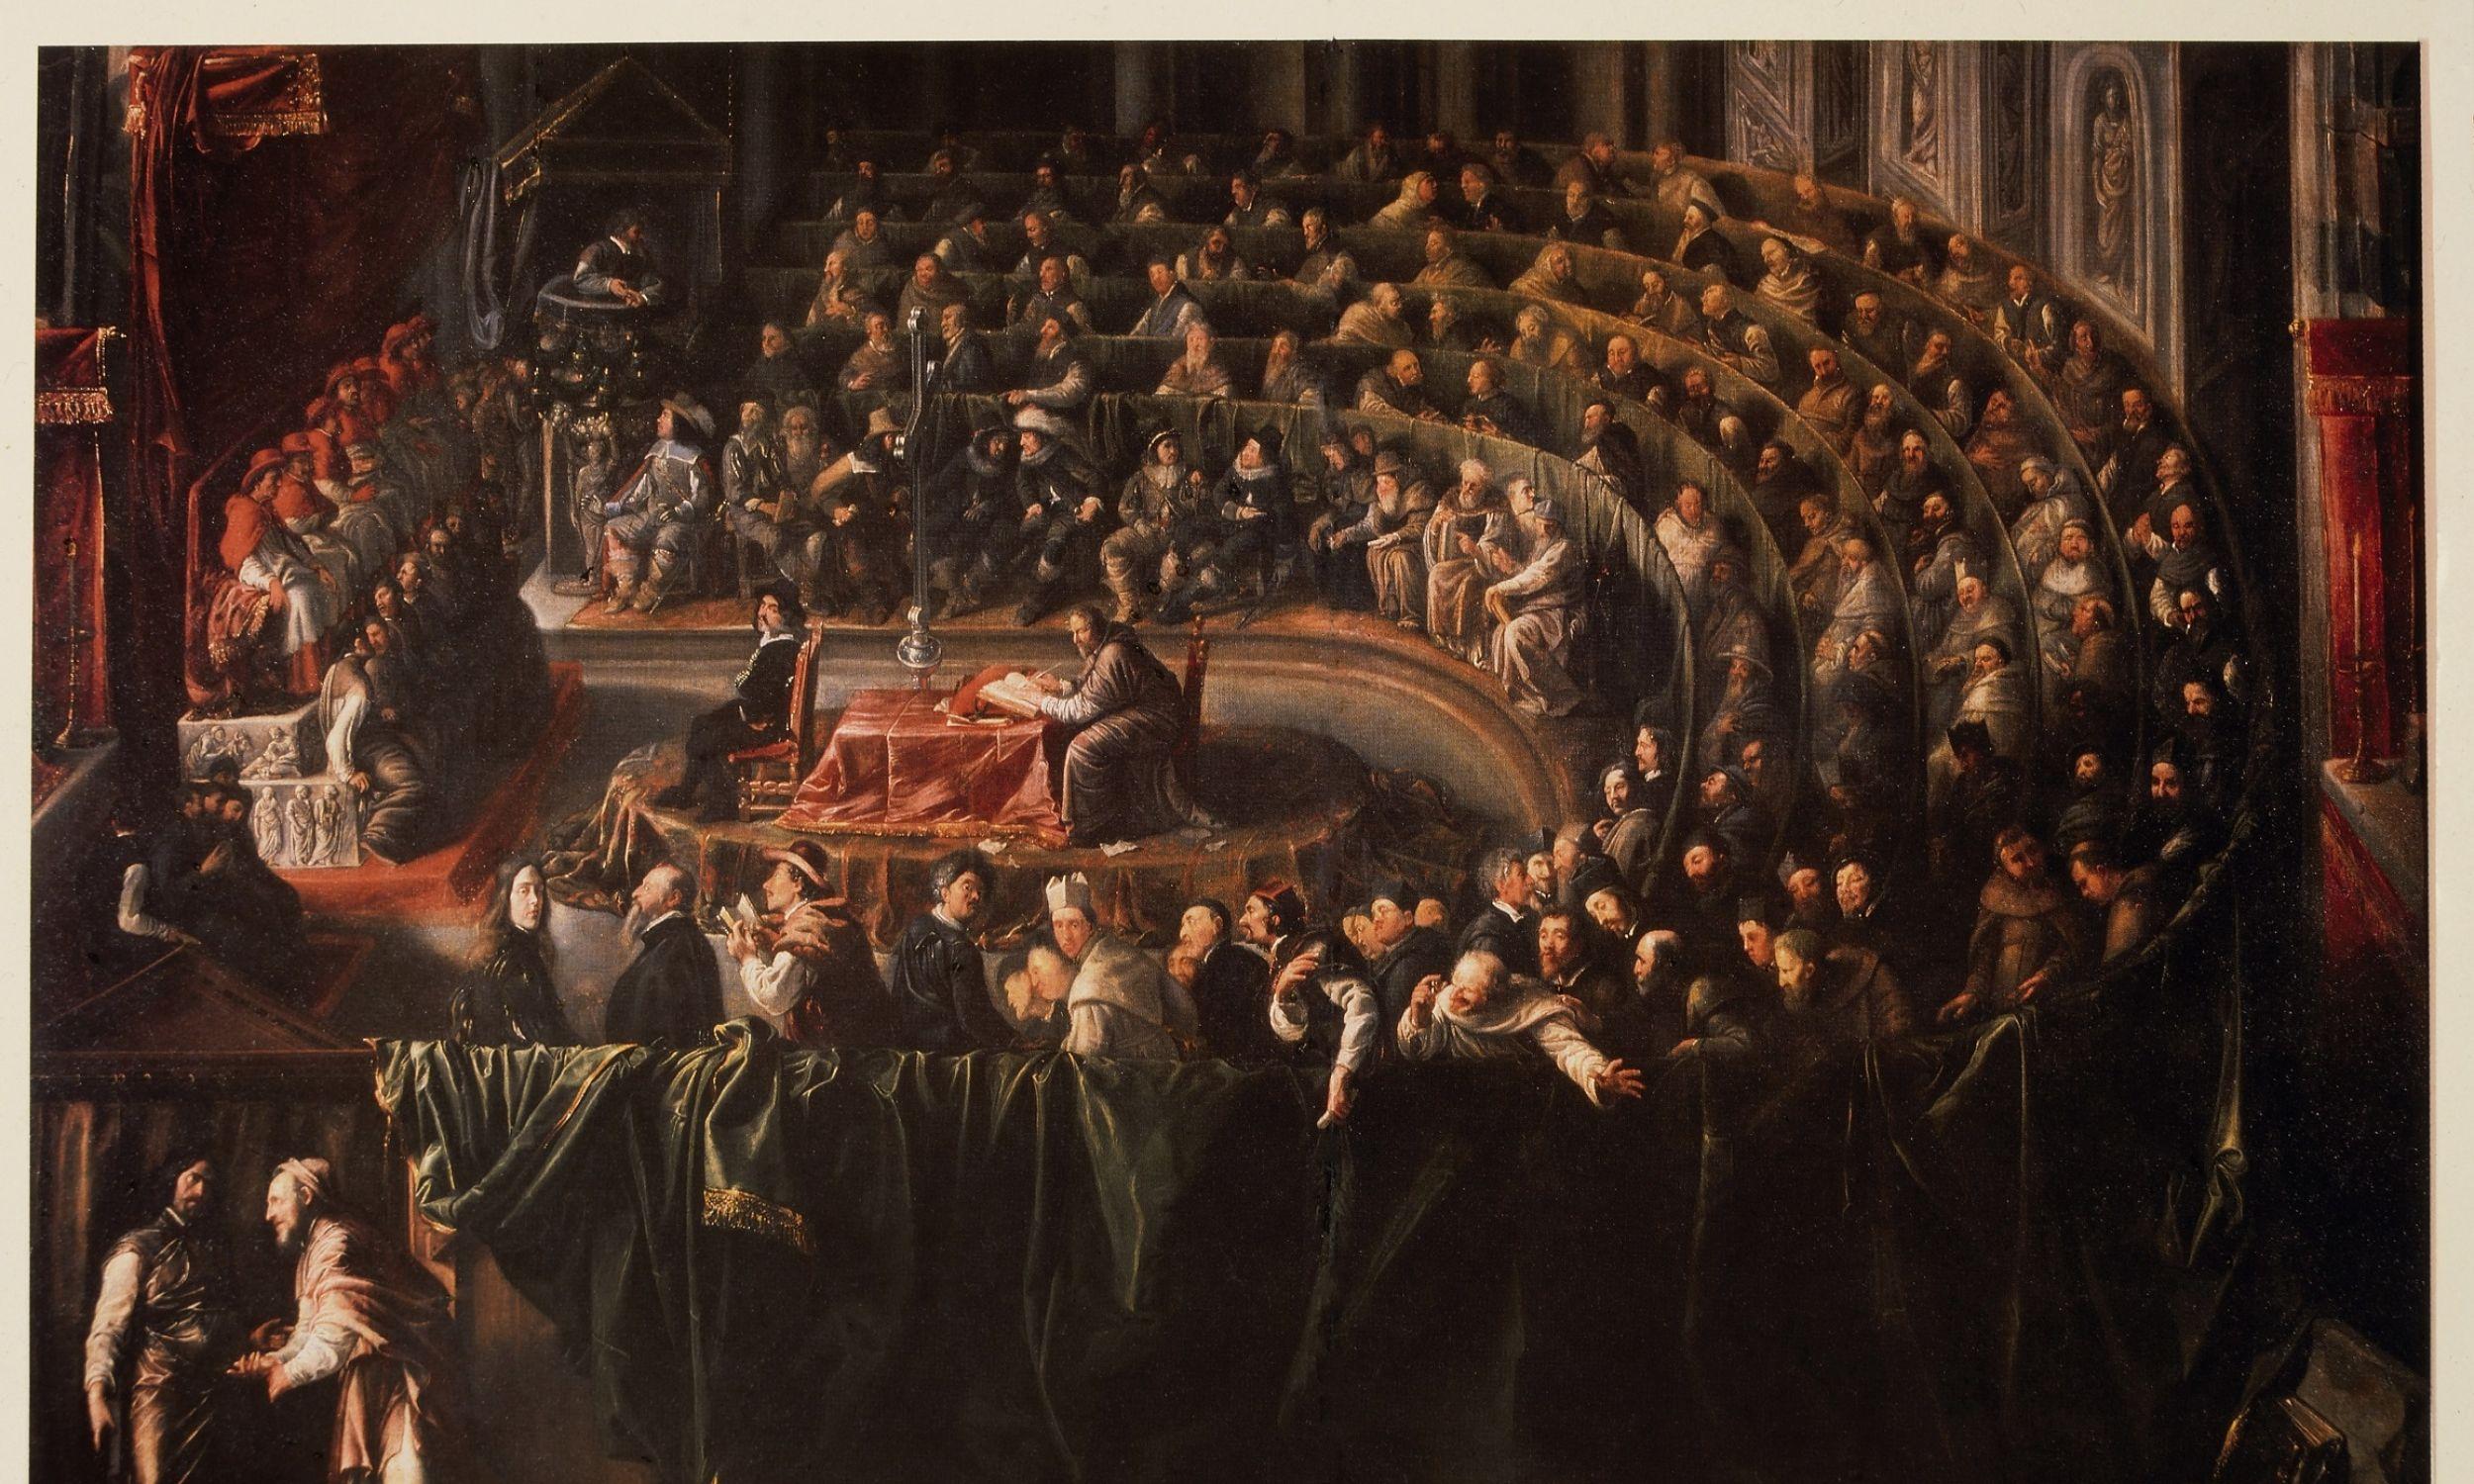 Sąd nad Galileuszem, Rzym, 1633, szkoła włoska. Fot. Universal History Archive / Universal Images Group via Getty Images